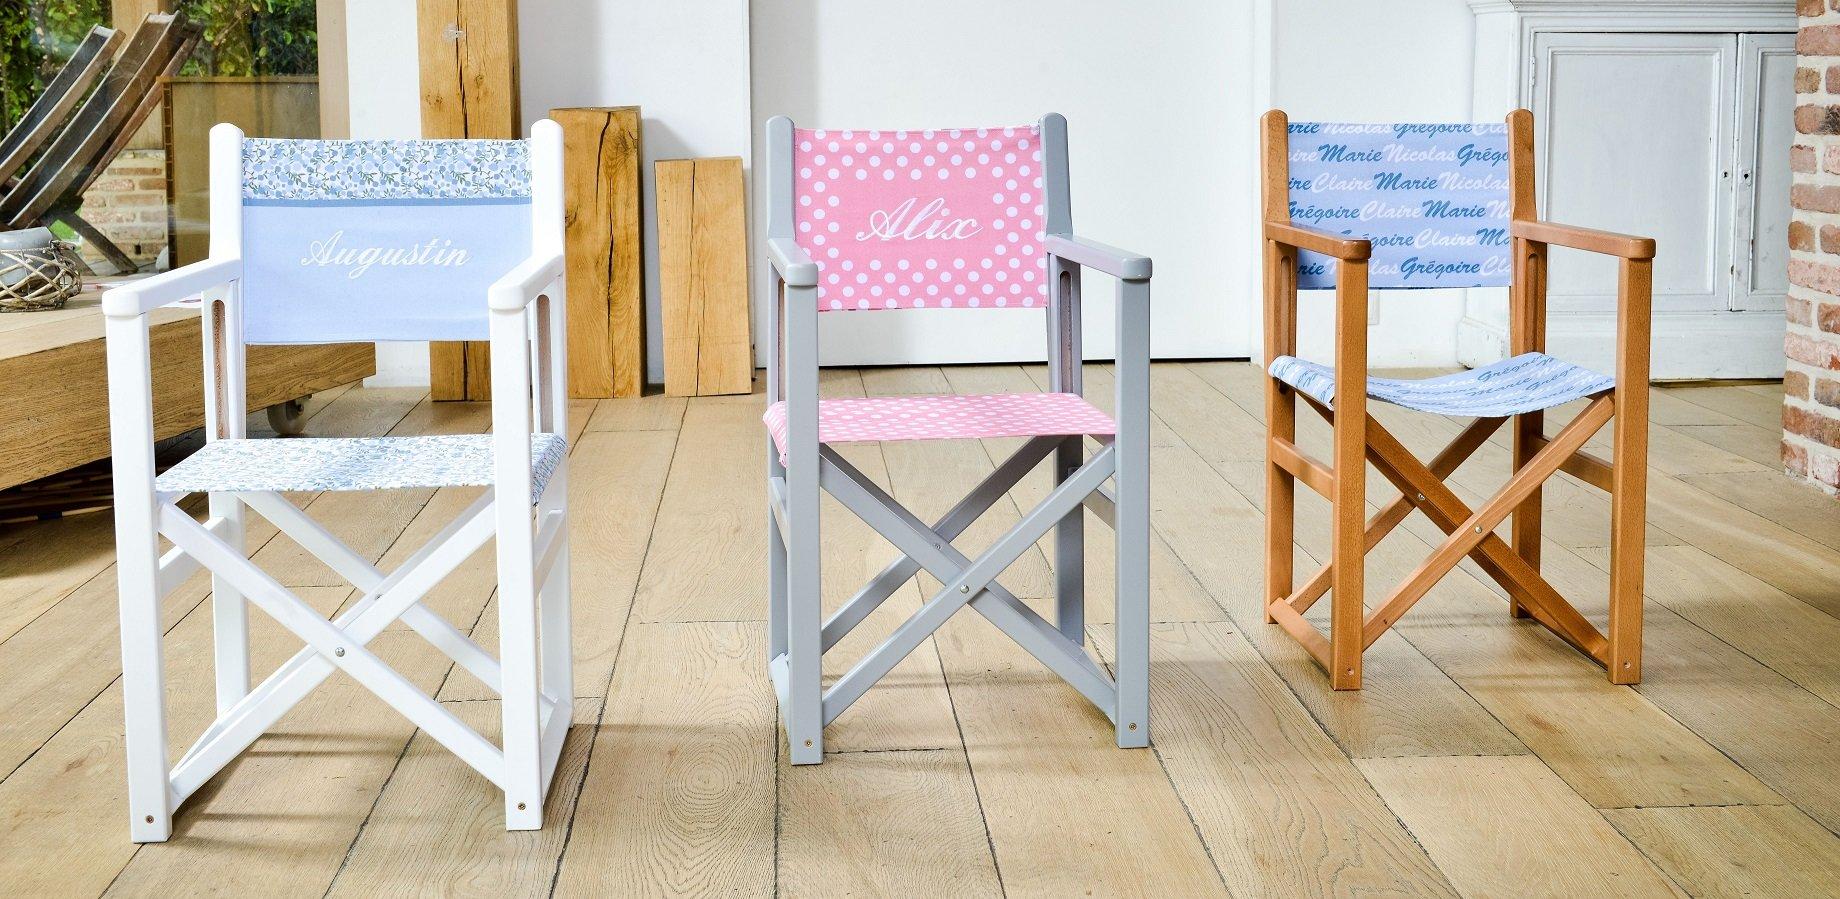 Ma Petite Chaise Nantes À propos de notre marque pour enfants - ma petite chaise